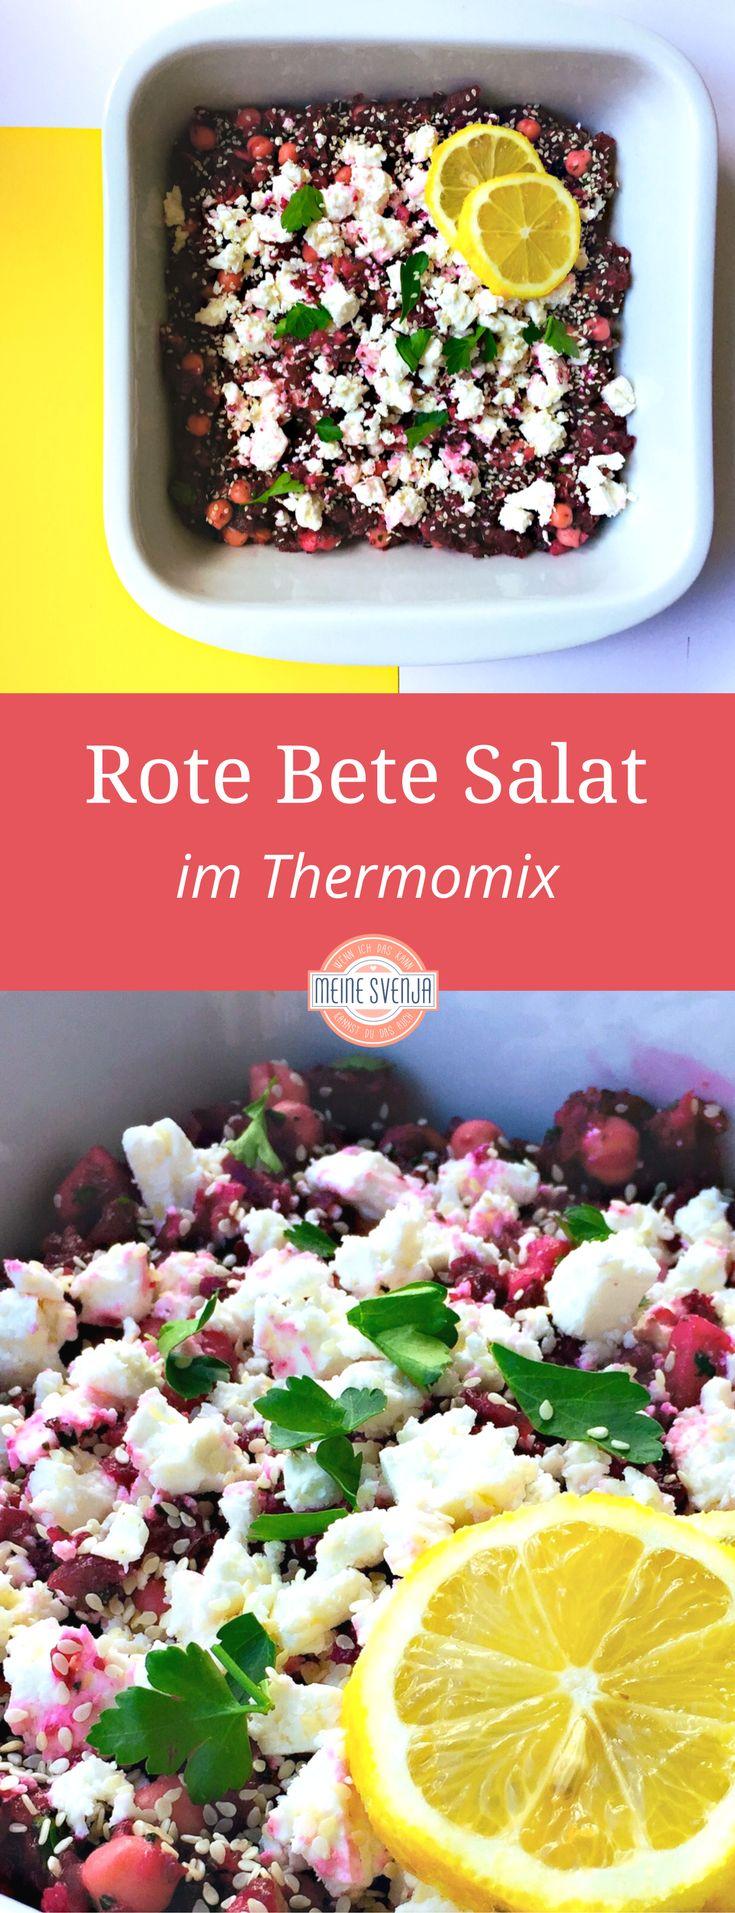 Rote Bete Salat Rezept - in 10 Minuten fertig. Schnell, einfach mit arabischer Note. http://www.meinesvenja.de/2017/04/06/rote-bete-salat-im-thermomix/